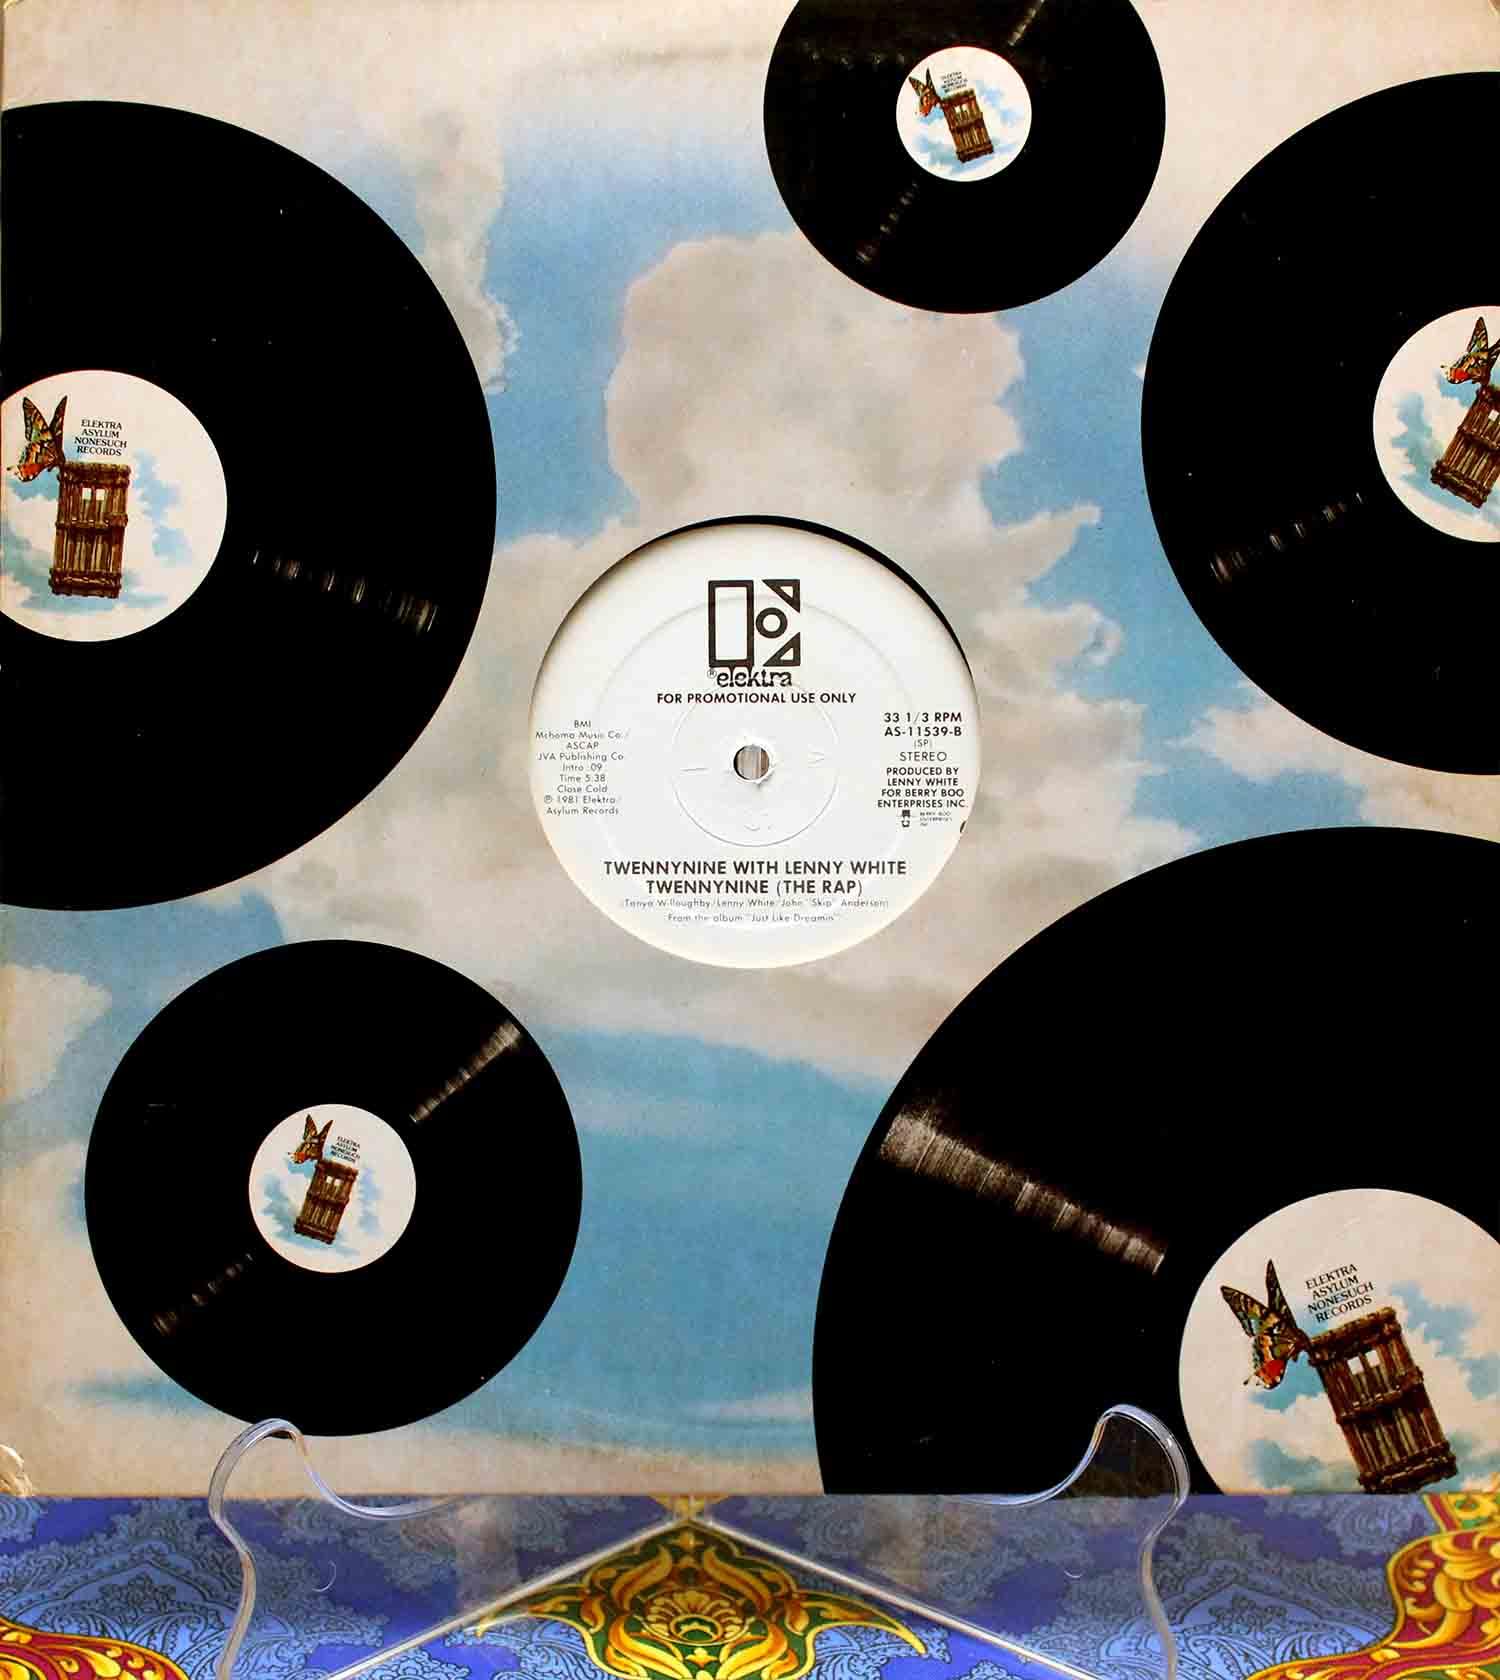 Twennynine With Lenny White - Twennynine (The Rap) 01